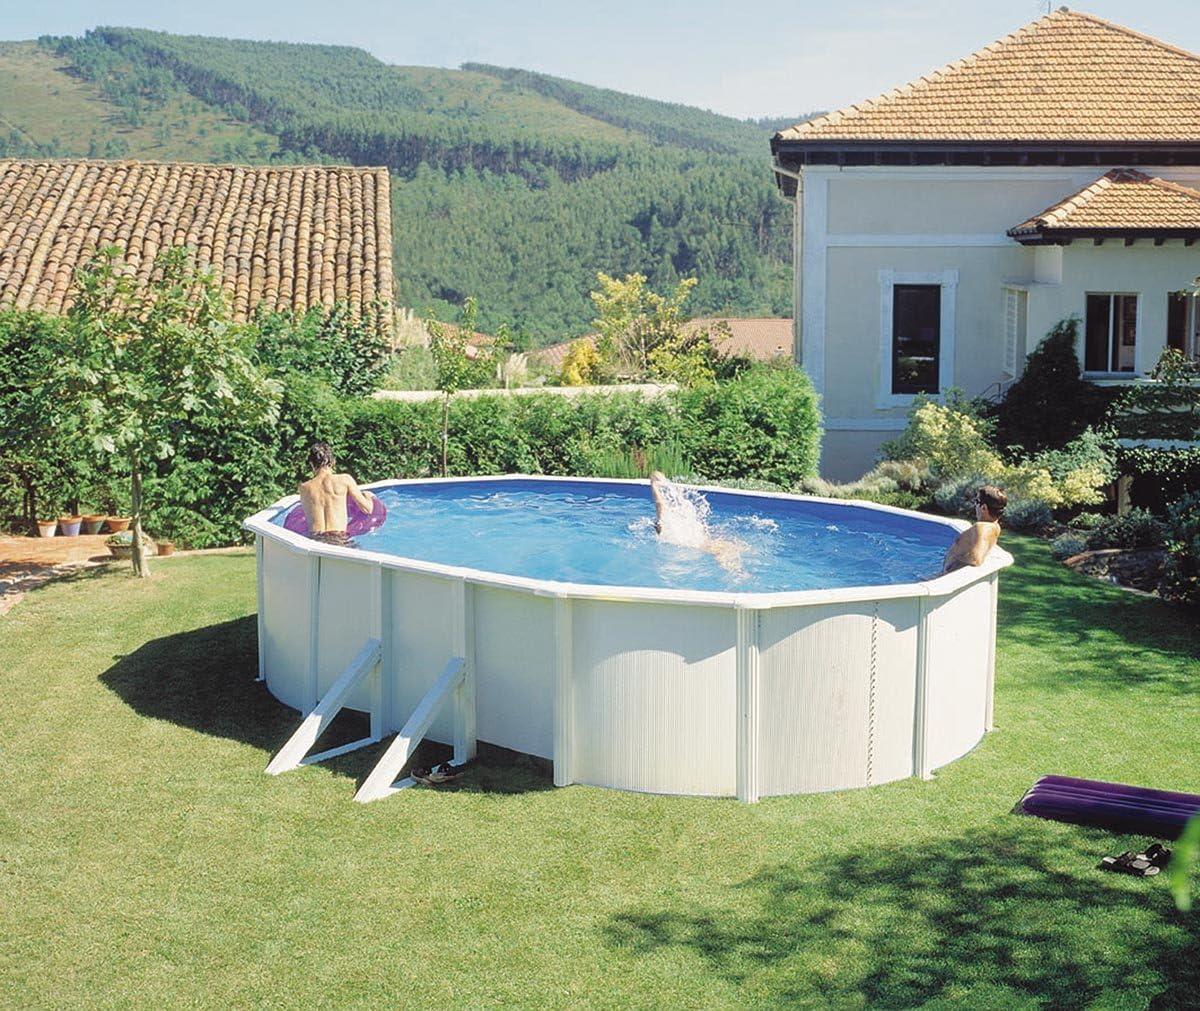 Waterman - Juego de platillos ovalados (500 x 300 x 120 cm)